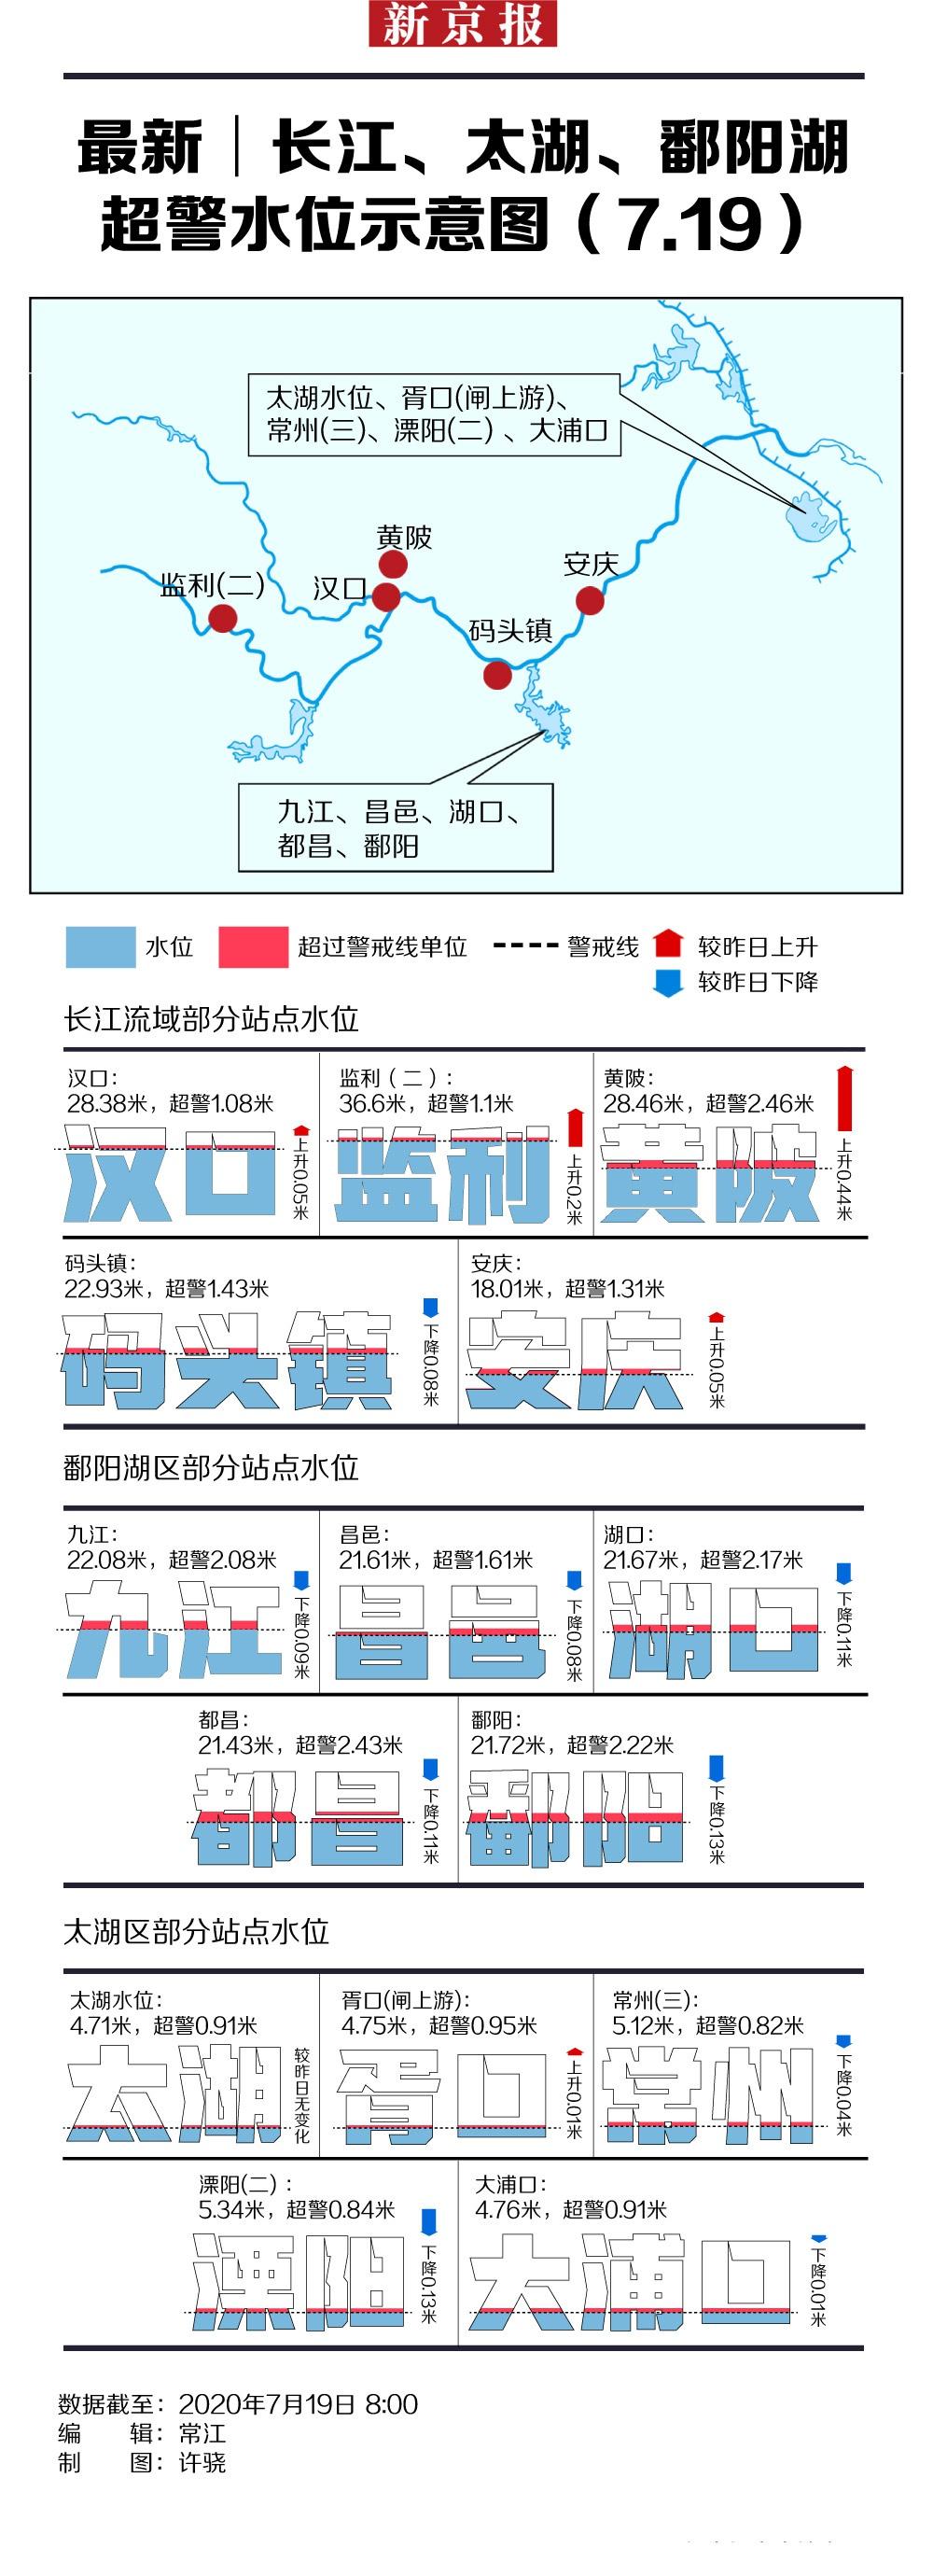 杏悦长江太湖鄱阳湖超杏悦警水位示意图图片